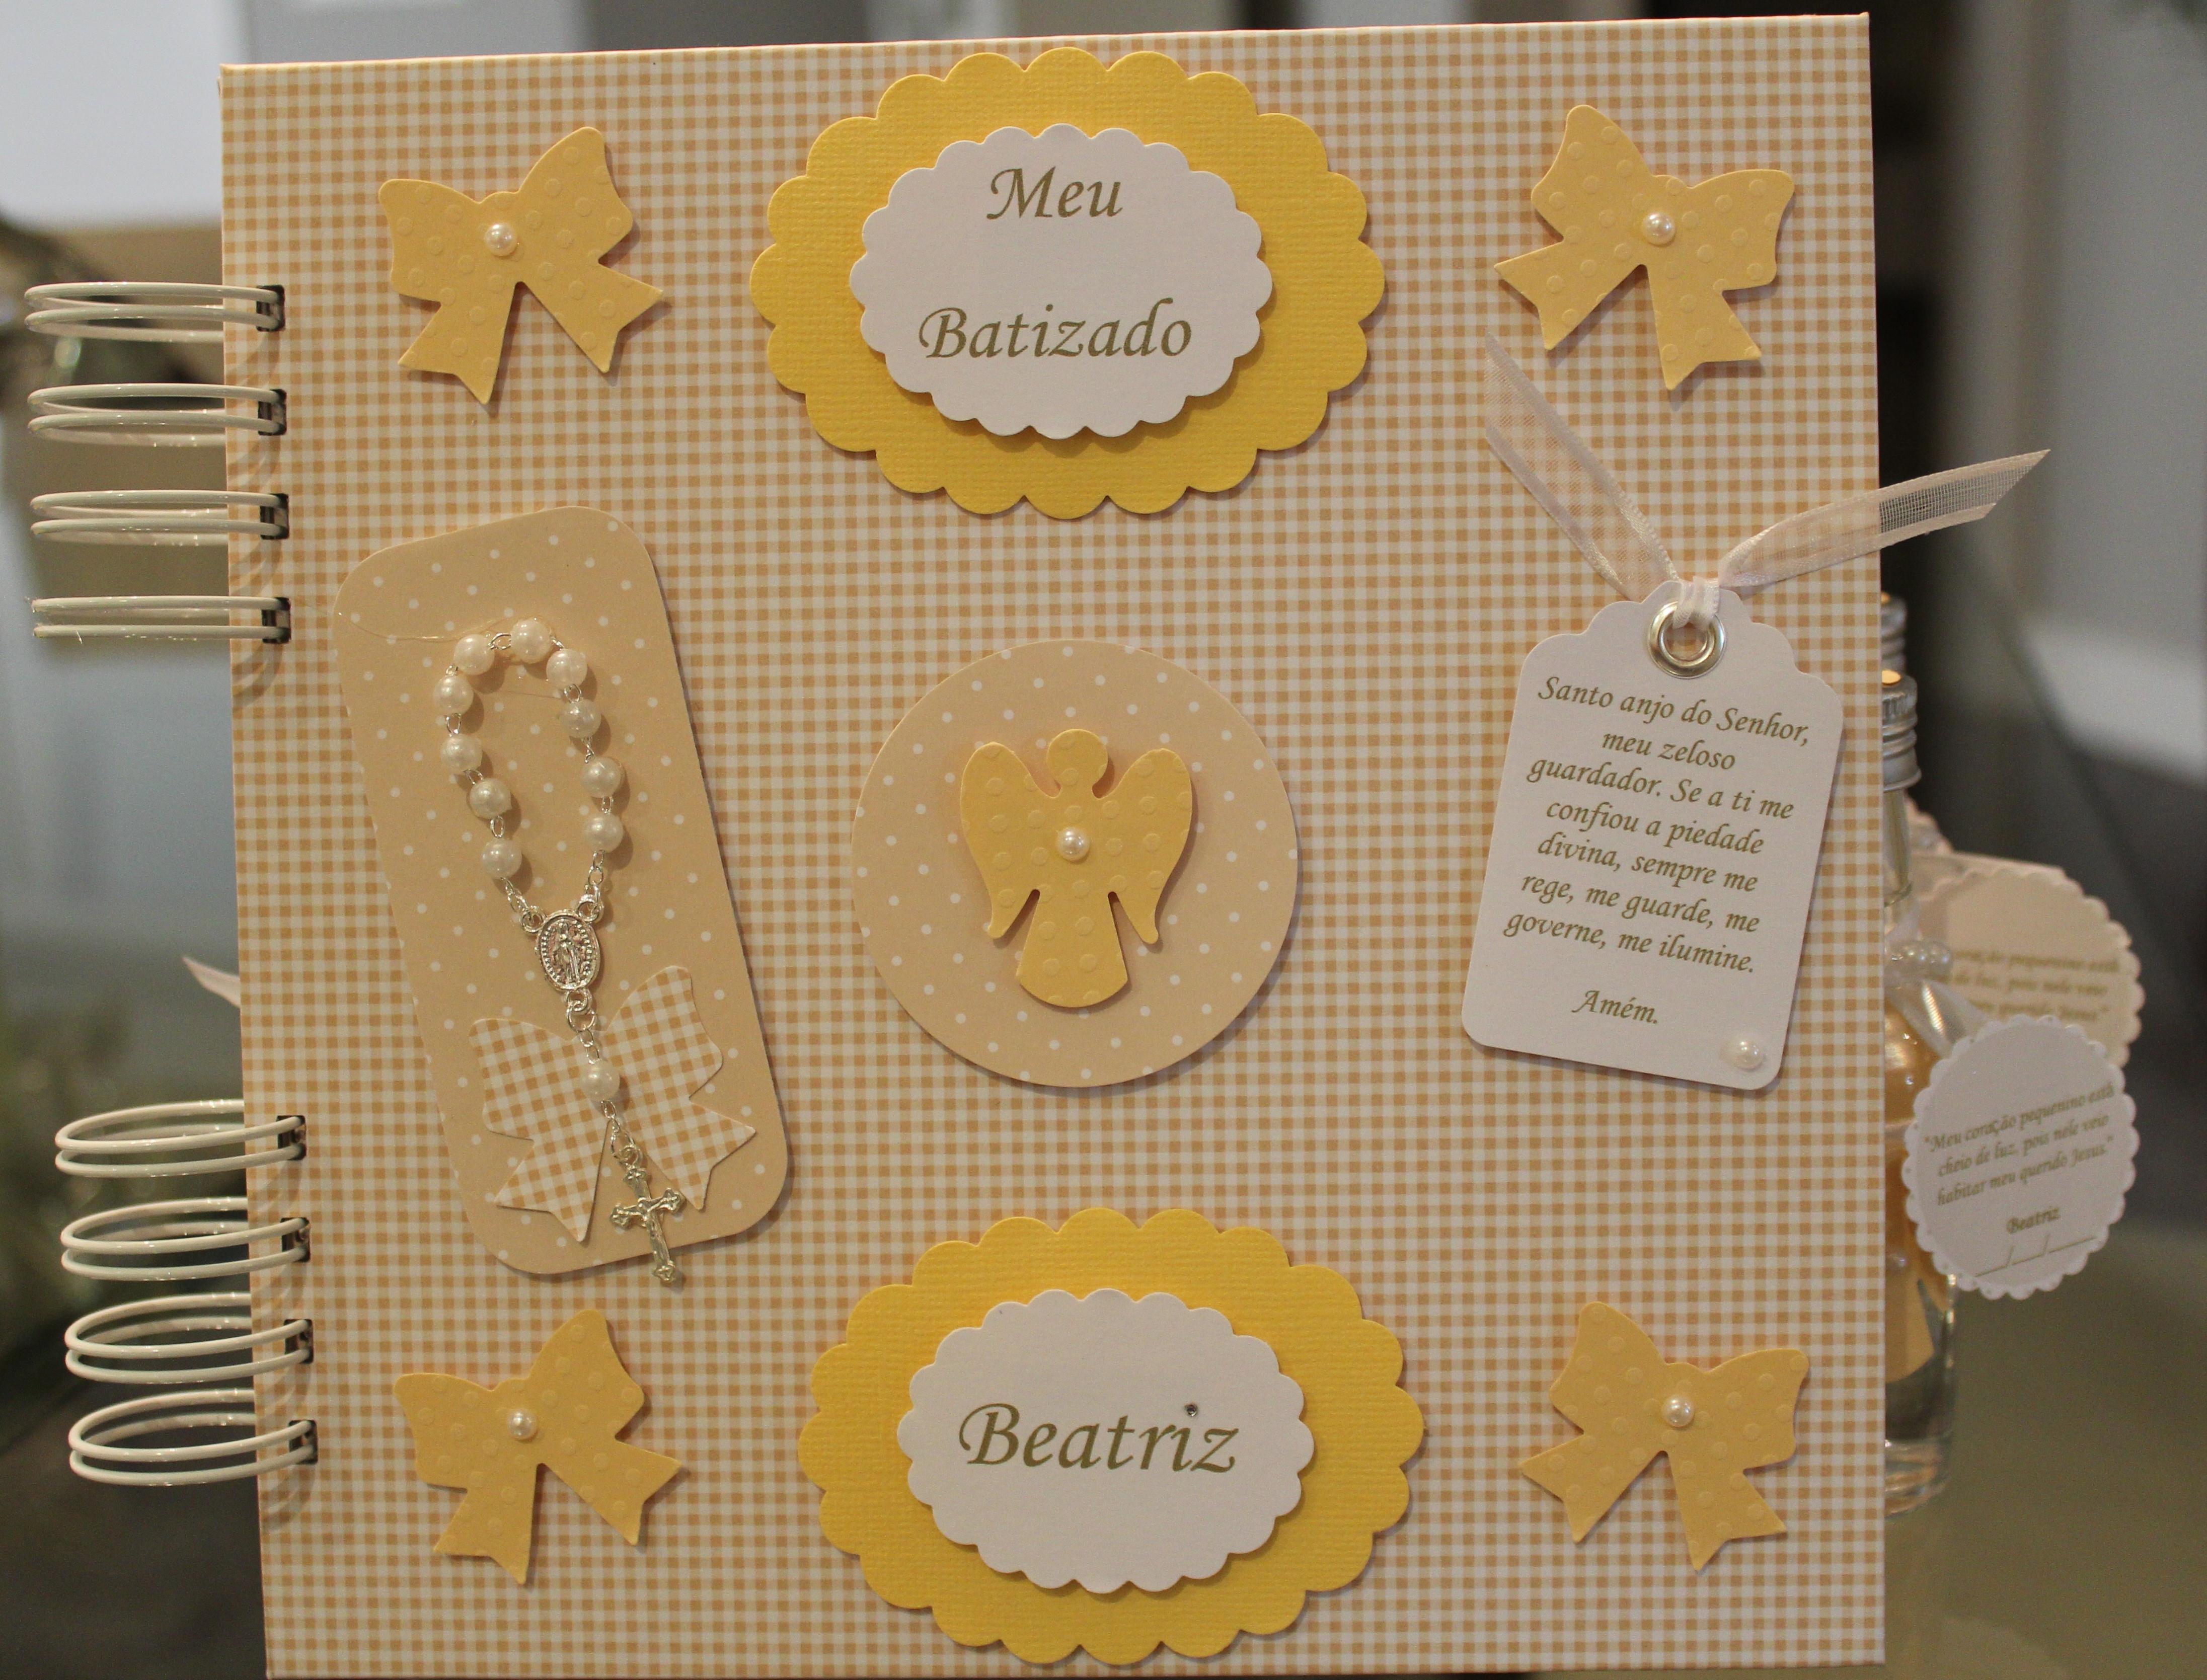 Lbum de batizado personalizado amarelo sweet scrapbook - Album de fotos personalizado ...